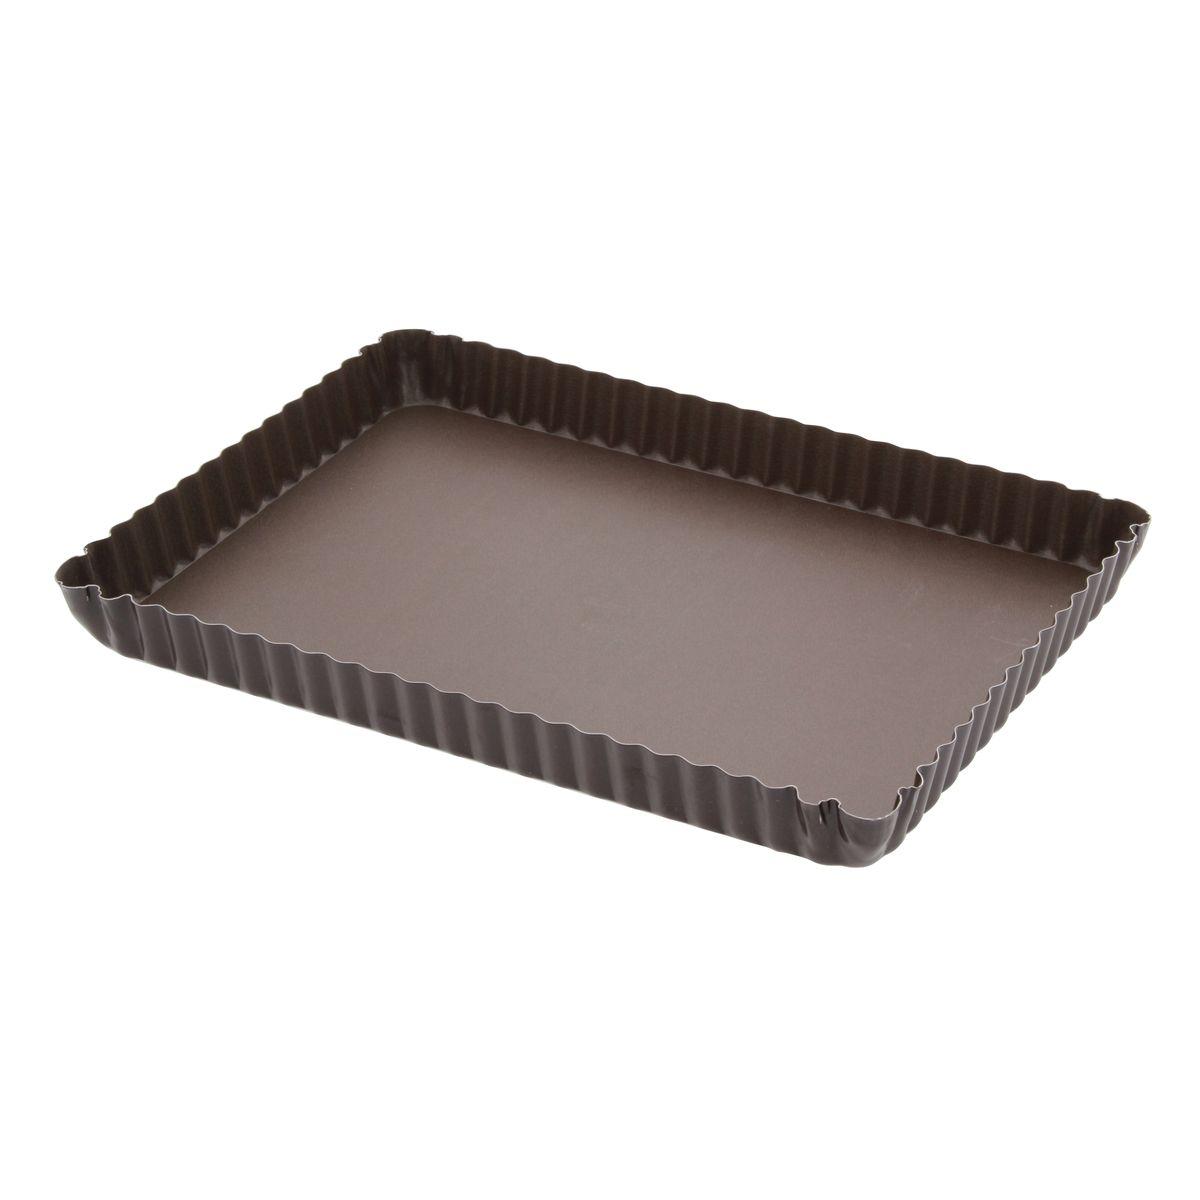 Moule à tarte rectangulaire en métal anti adhérent 8/10 parts 29 cm - Alice Délice